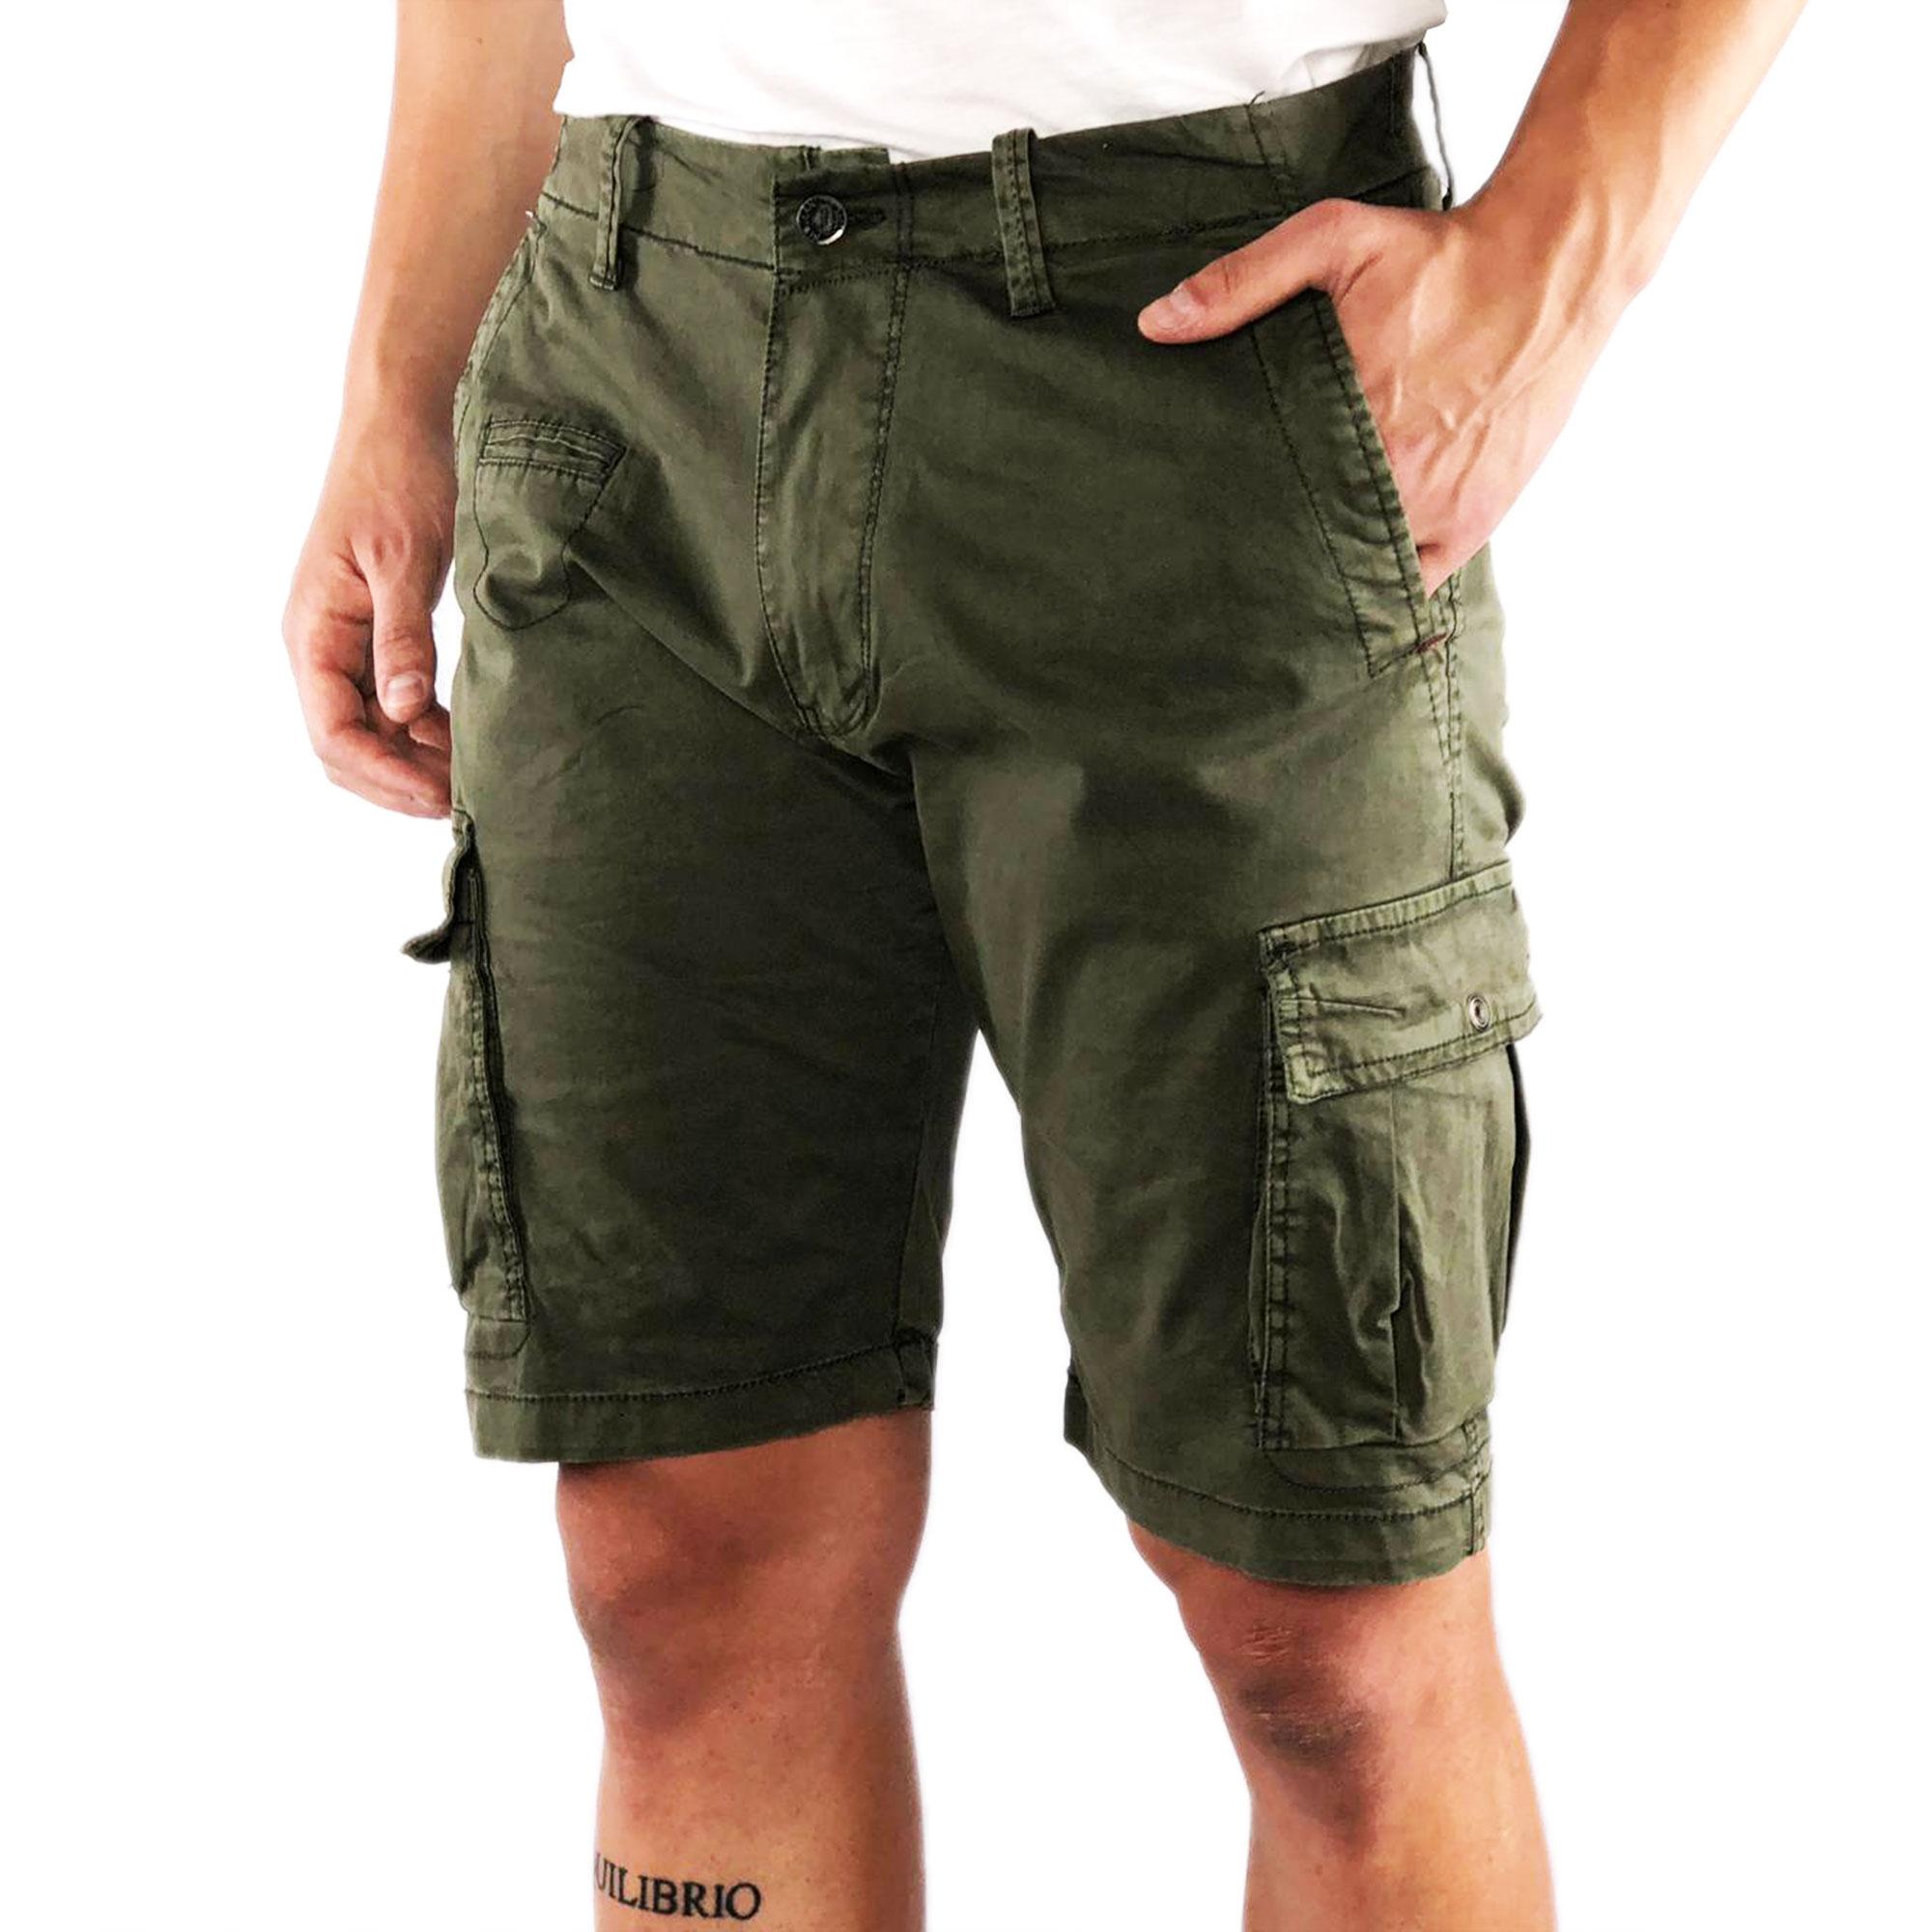 Bermuda-Uomo-Cargo-Cotone-Pantalone-Corto-Jeans-Tasconi-Laterali-Shorts-Casual miniatura 6